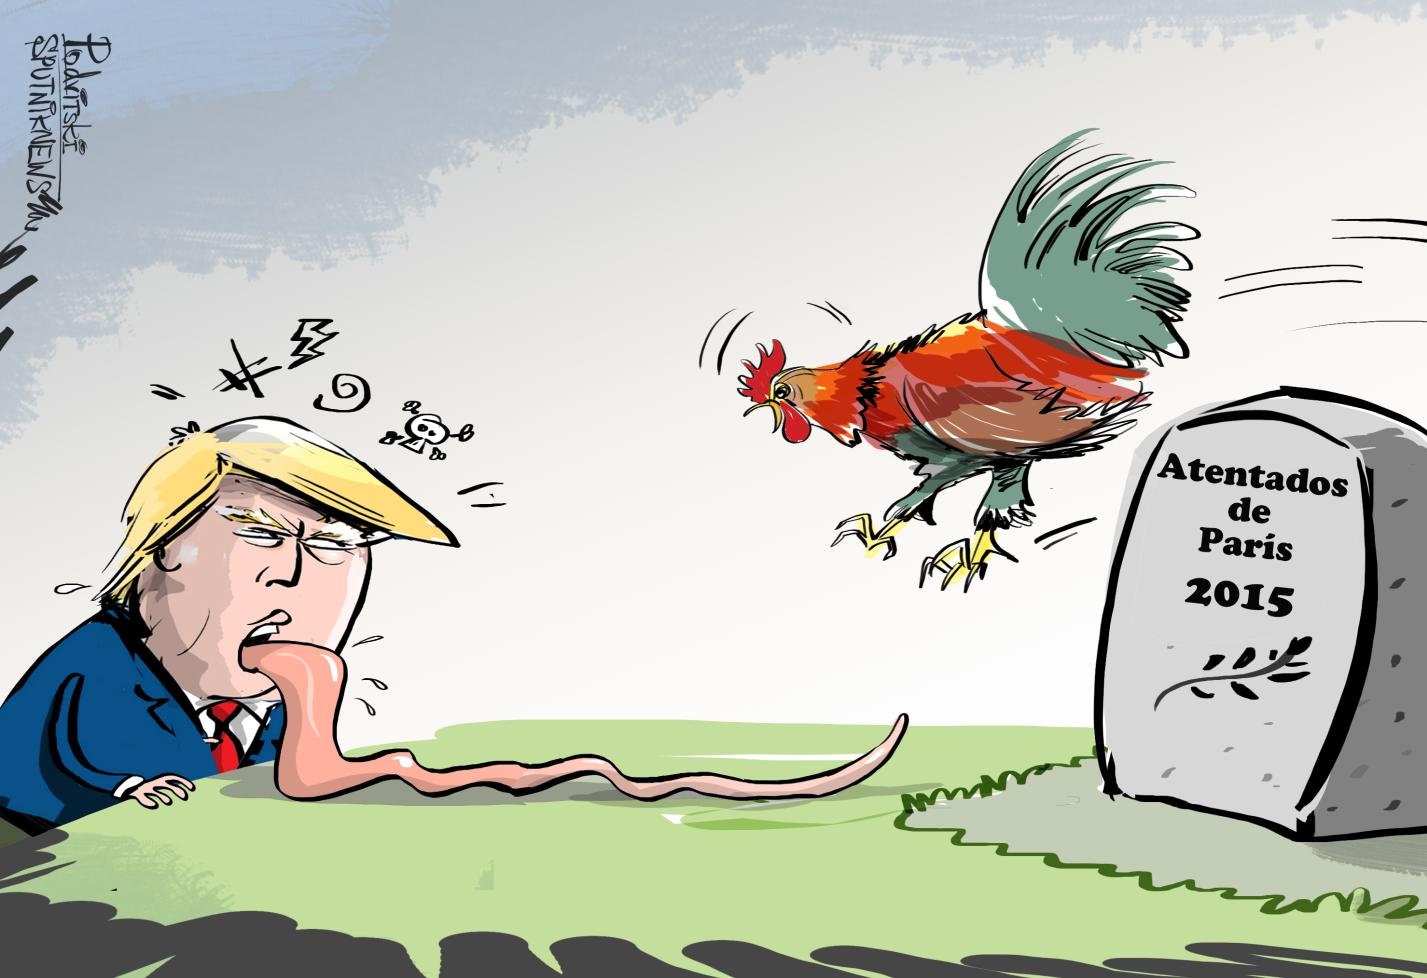 La lengua viperina de Trump llega hasta Francia - Sputnik Mundo